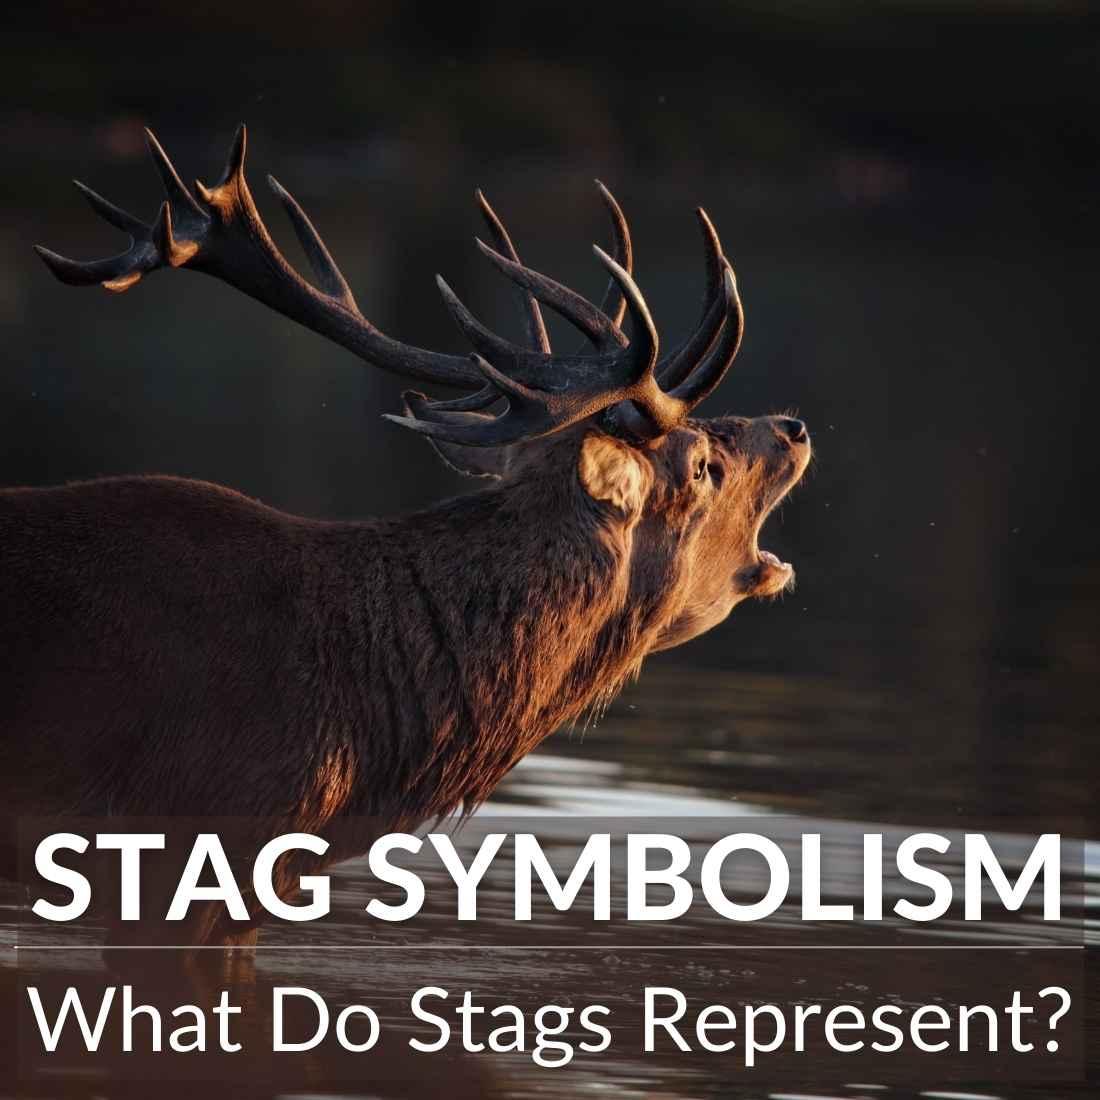 stag symbolism